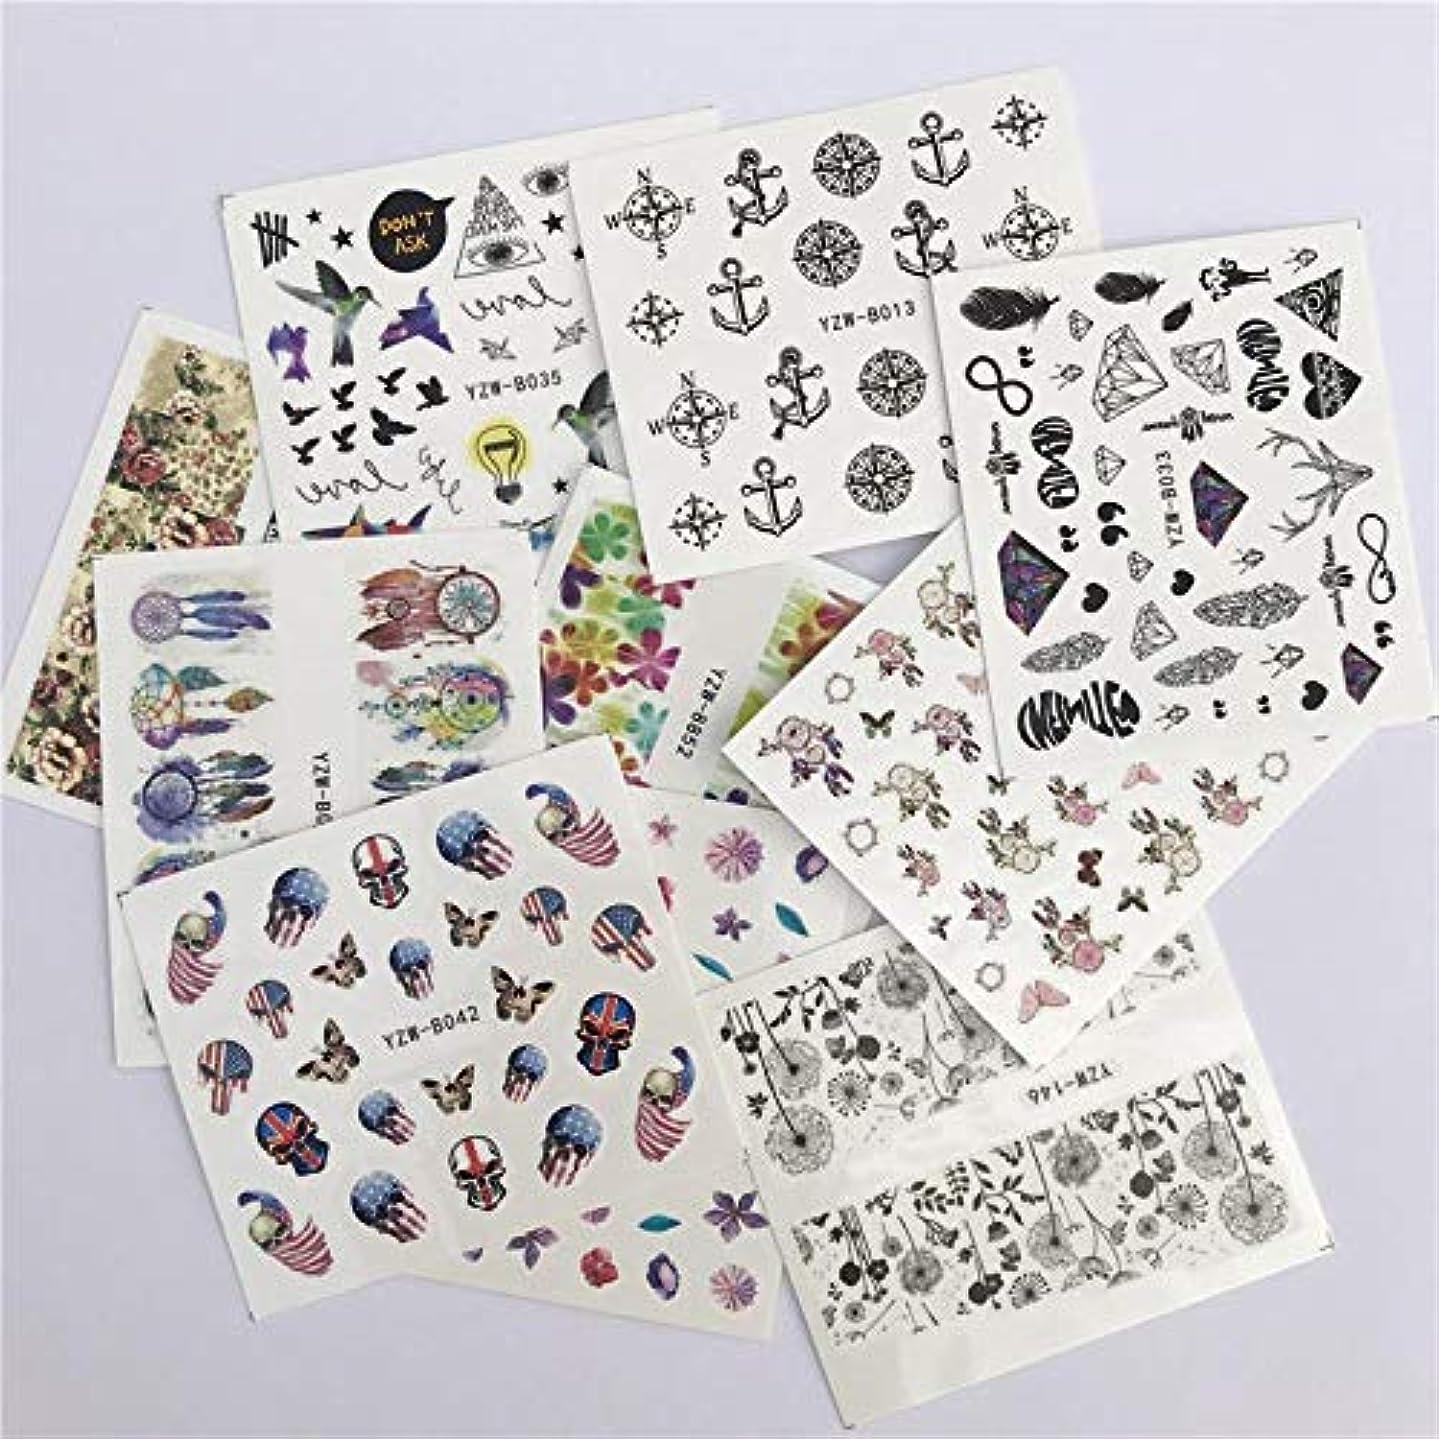 牧師コーン頬骨SUKTI&XIAO ネイルステッカー 10個の混合デカールネイルアートフラワーパターン水転写ステッカーセットカラフルなダイヤモンドネイルデカールの装飾、10種類のスタイル